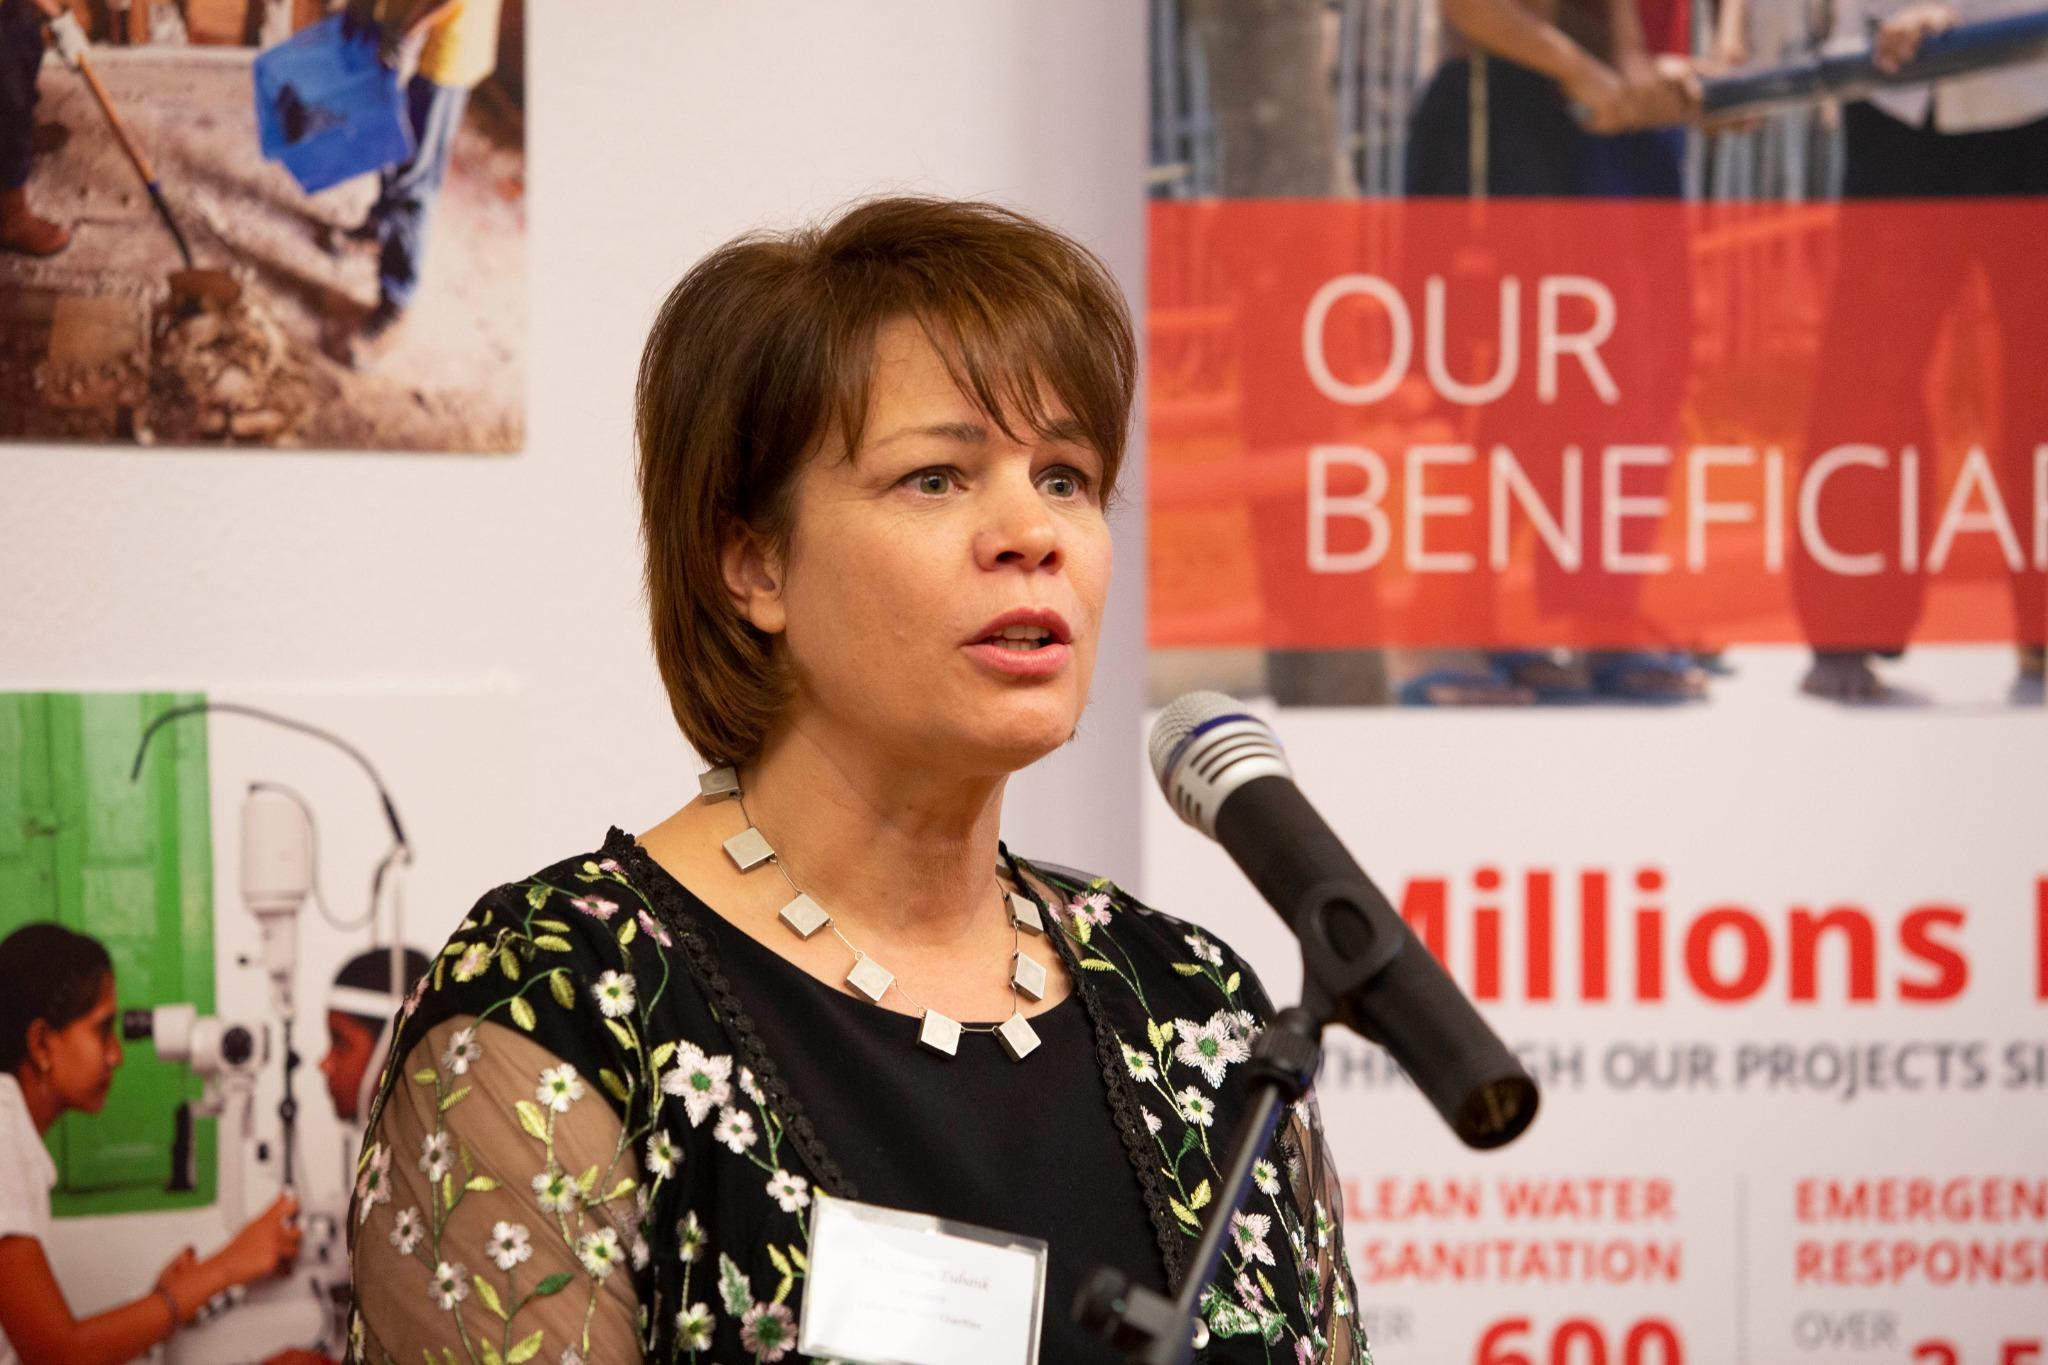 Millones de personas han sido ayudadas en todo el mundo por Latter-day Saint Charities, dice la hermana Sharon Eubank, la presidenta de la organización y primera consejera en la presidencia general de la Sociedad de Socorro, durante una recepción en Ginebra, Suiza, el 16 de septiembre de 2019.